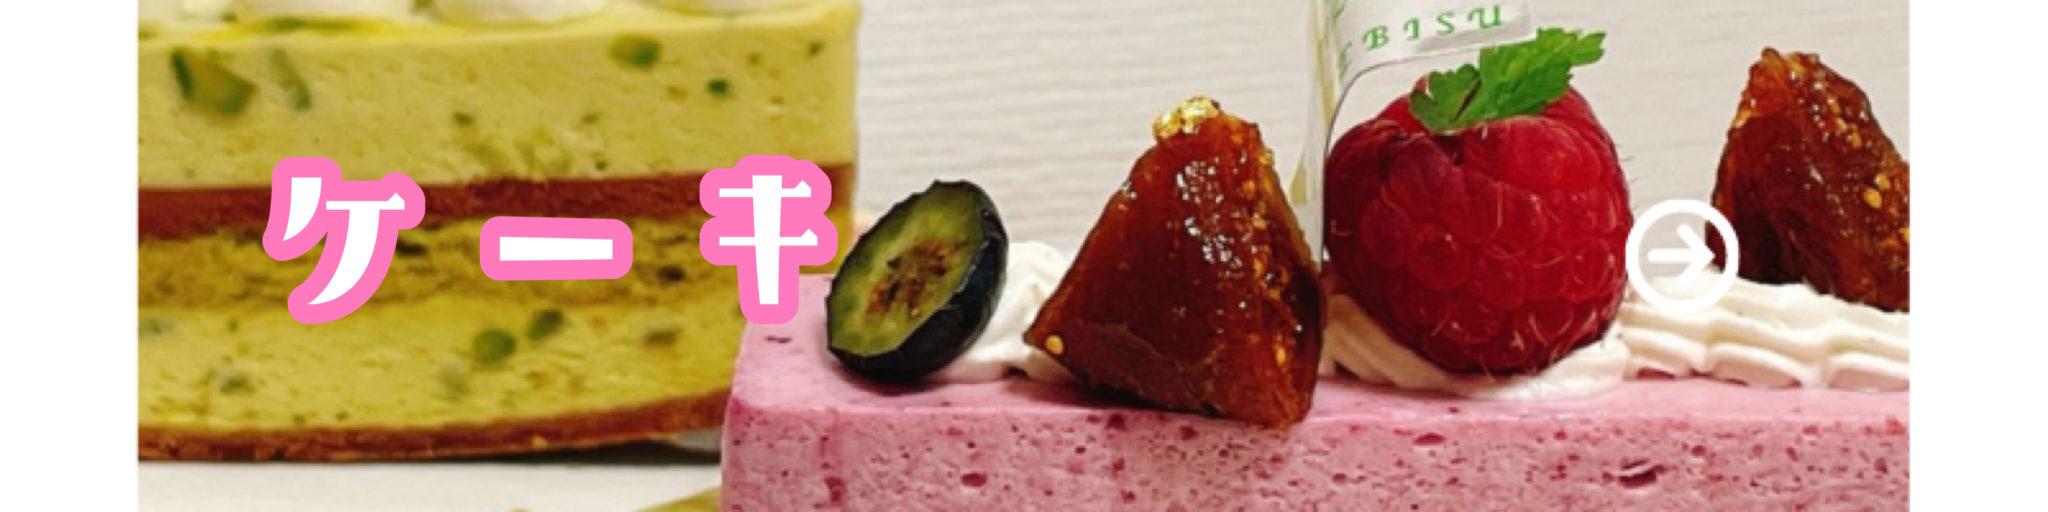 世田谷のケーキ ランキング